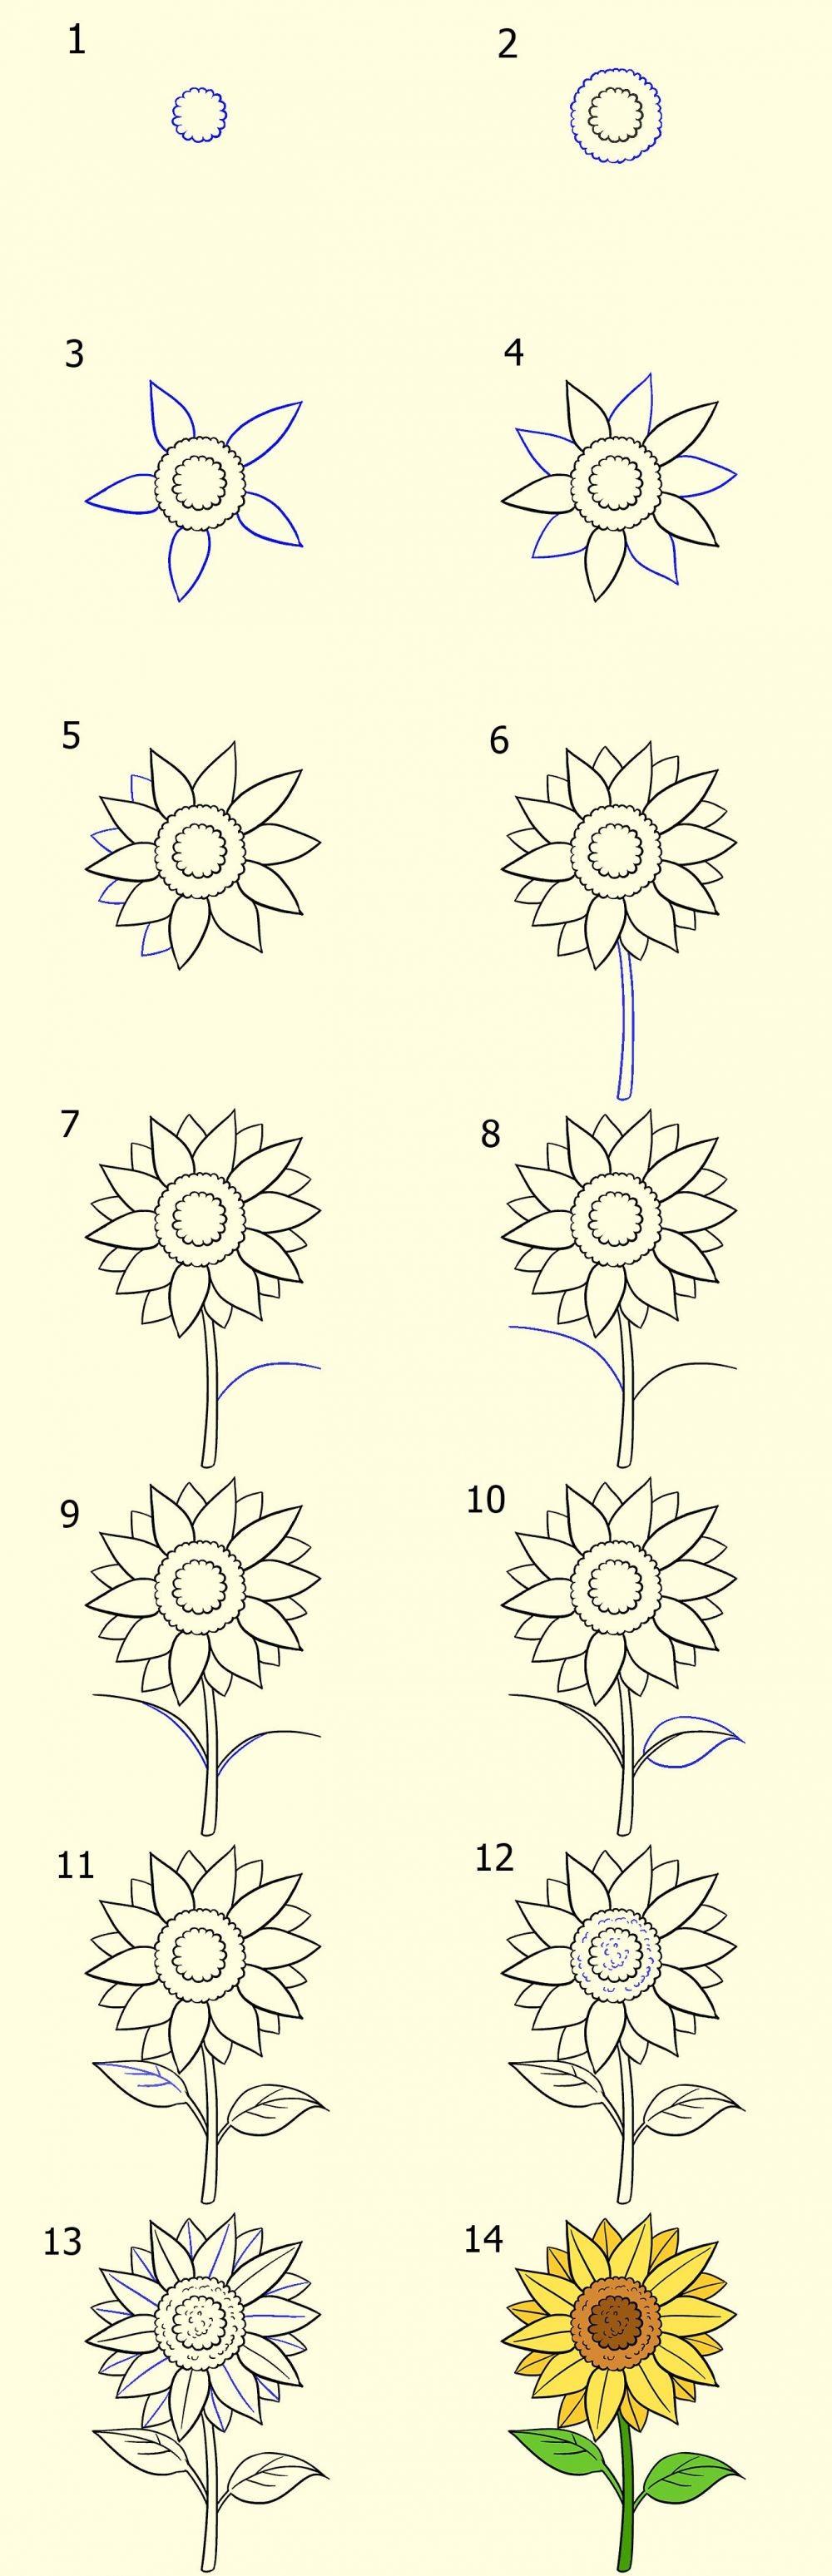 3 Cara Menggambar Sketsa Bunga yang Simple dan Mudah Ditiru